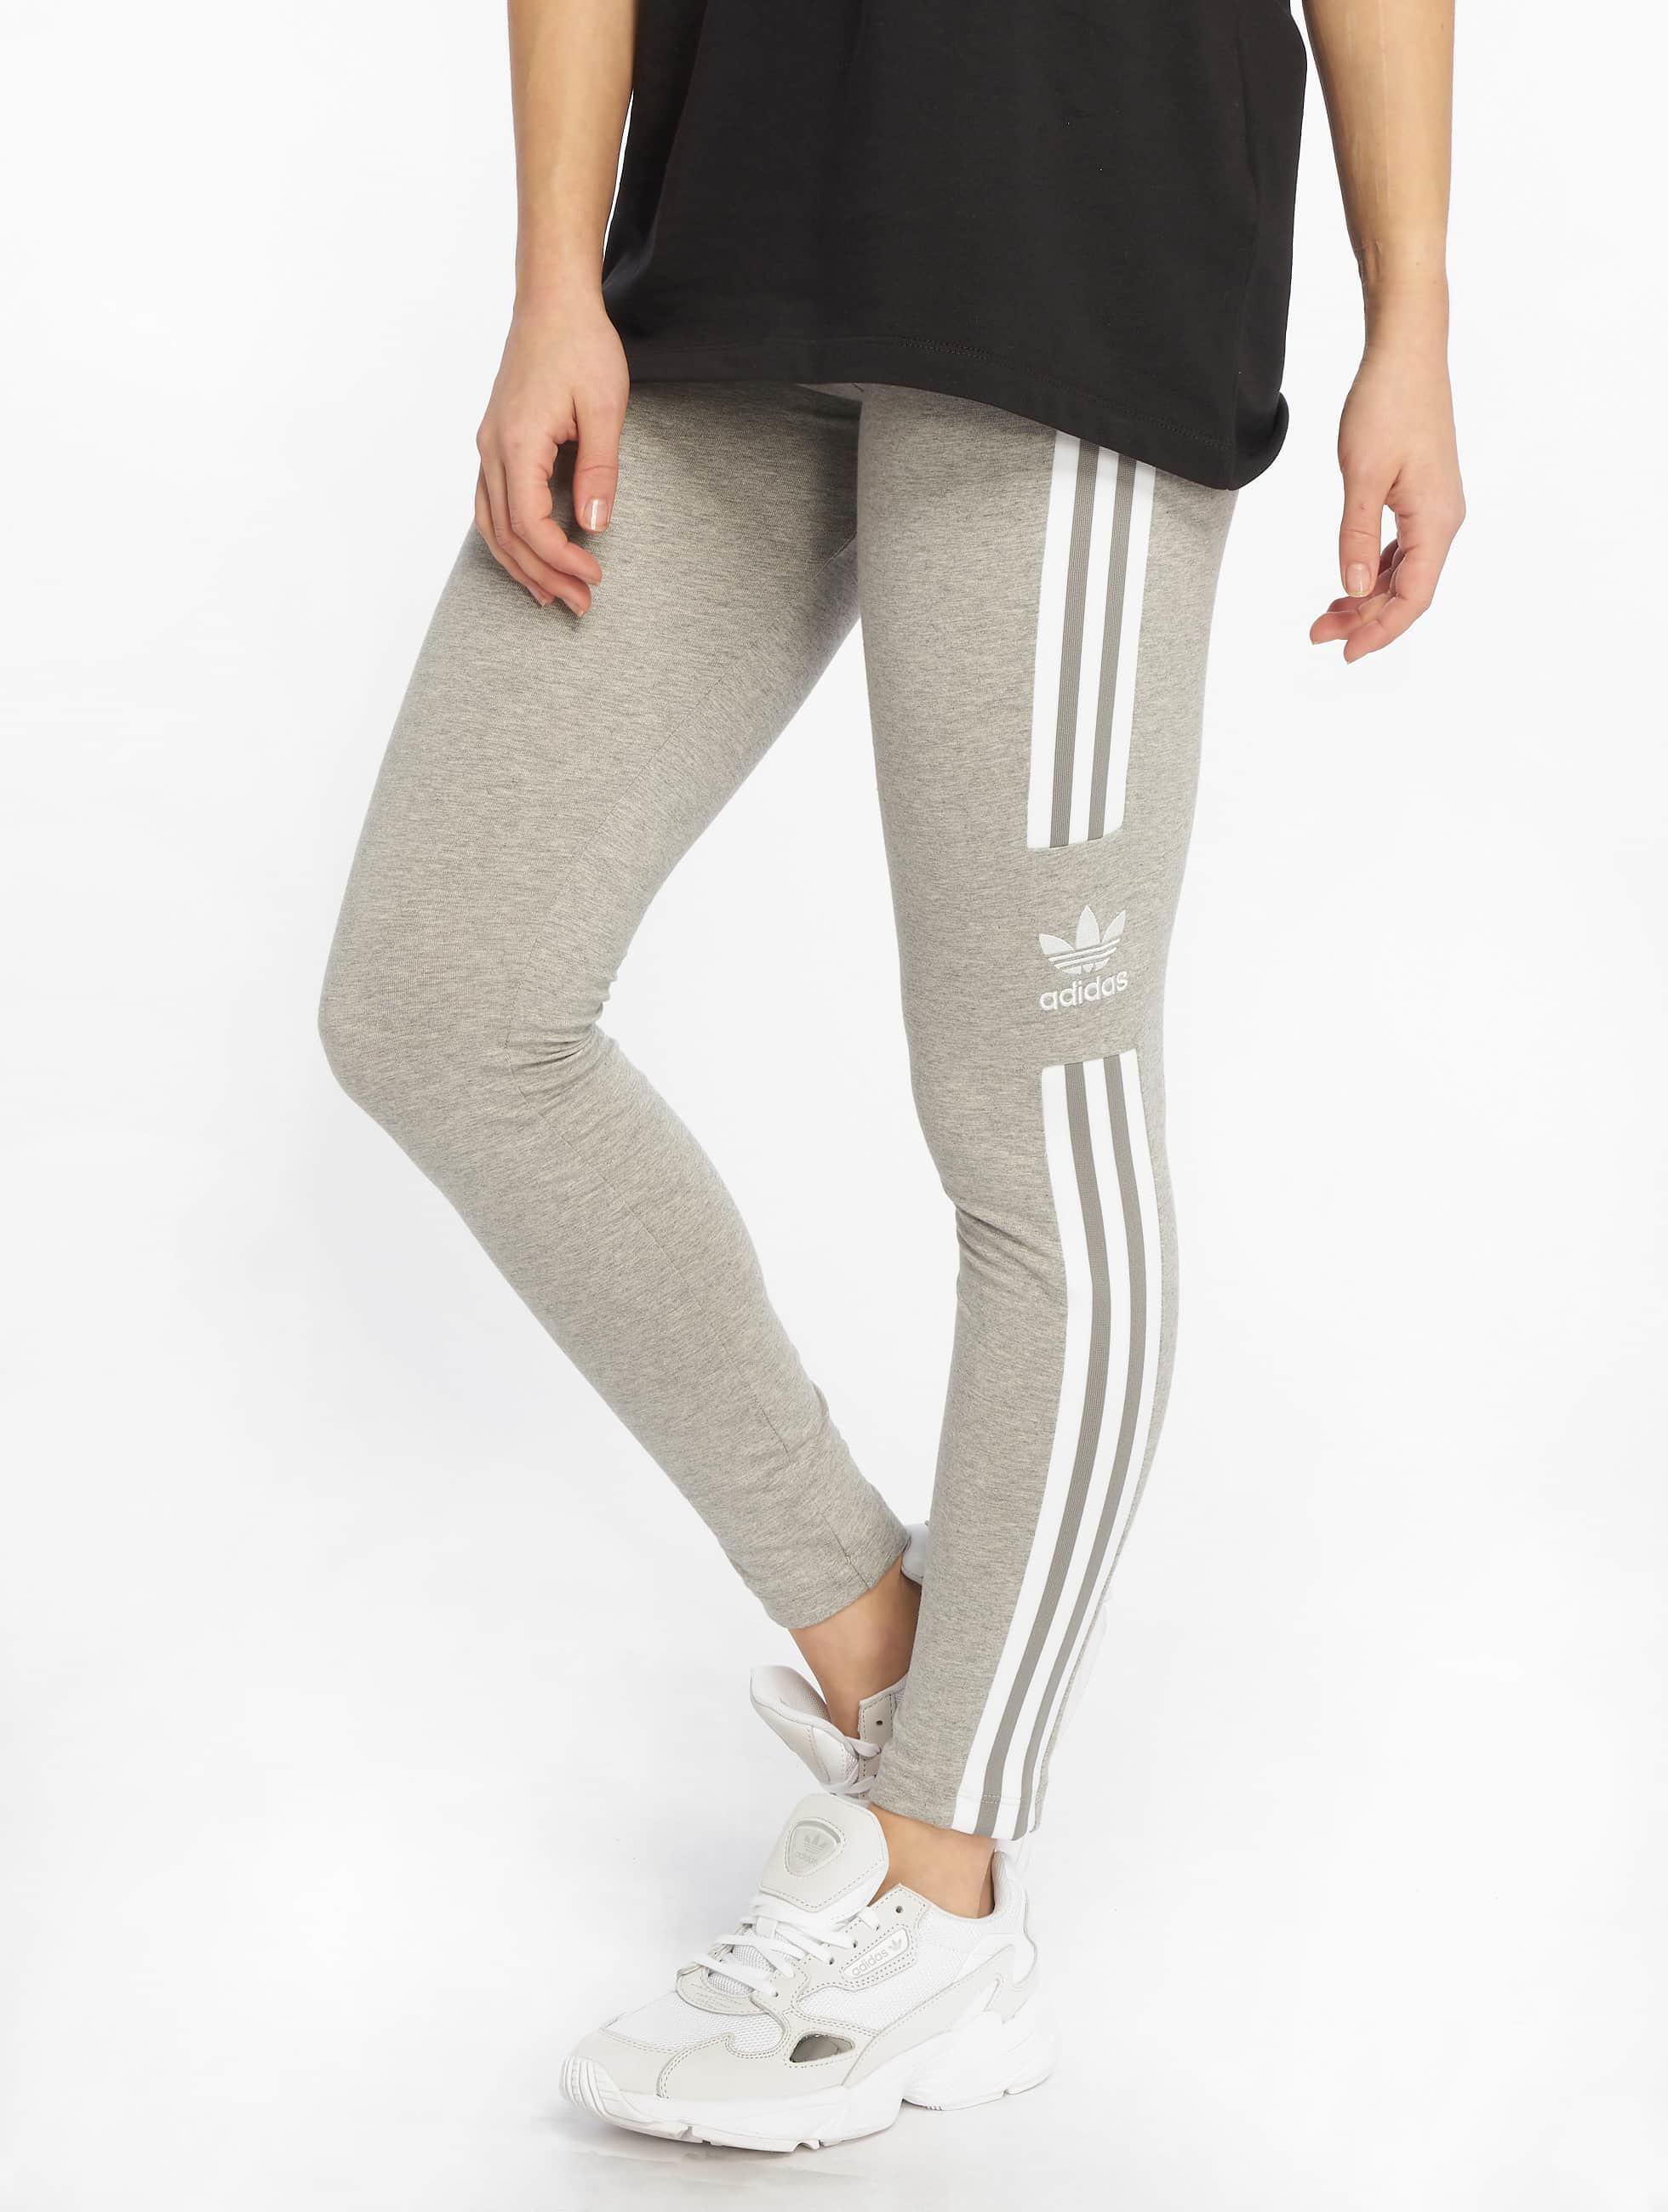 Adidas Originals Trefoil Leggings Medium Grey Heather